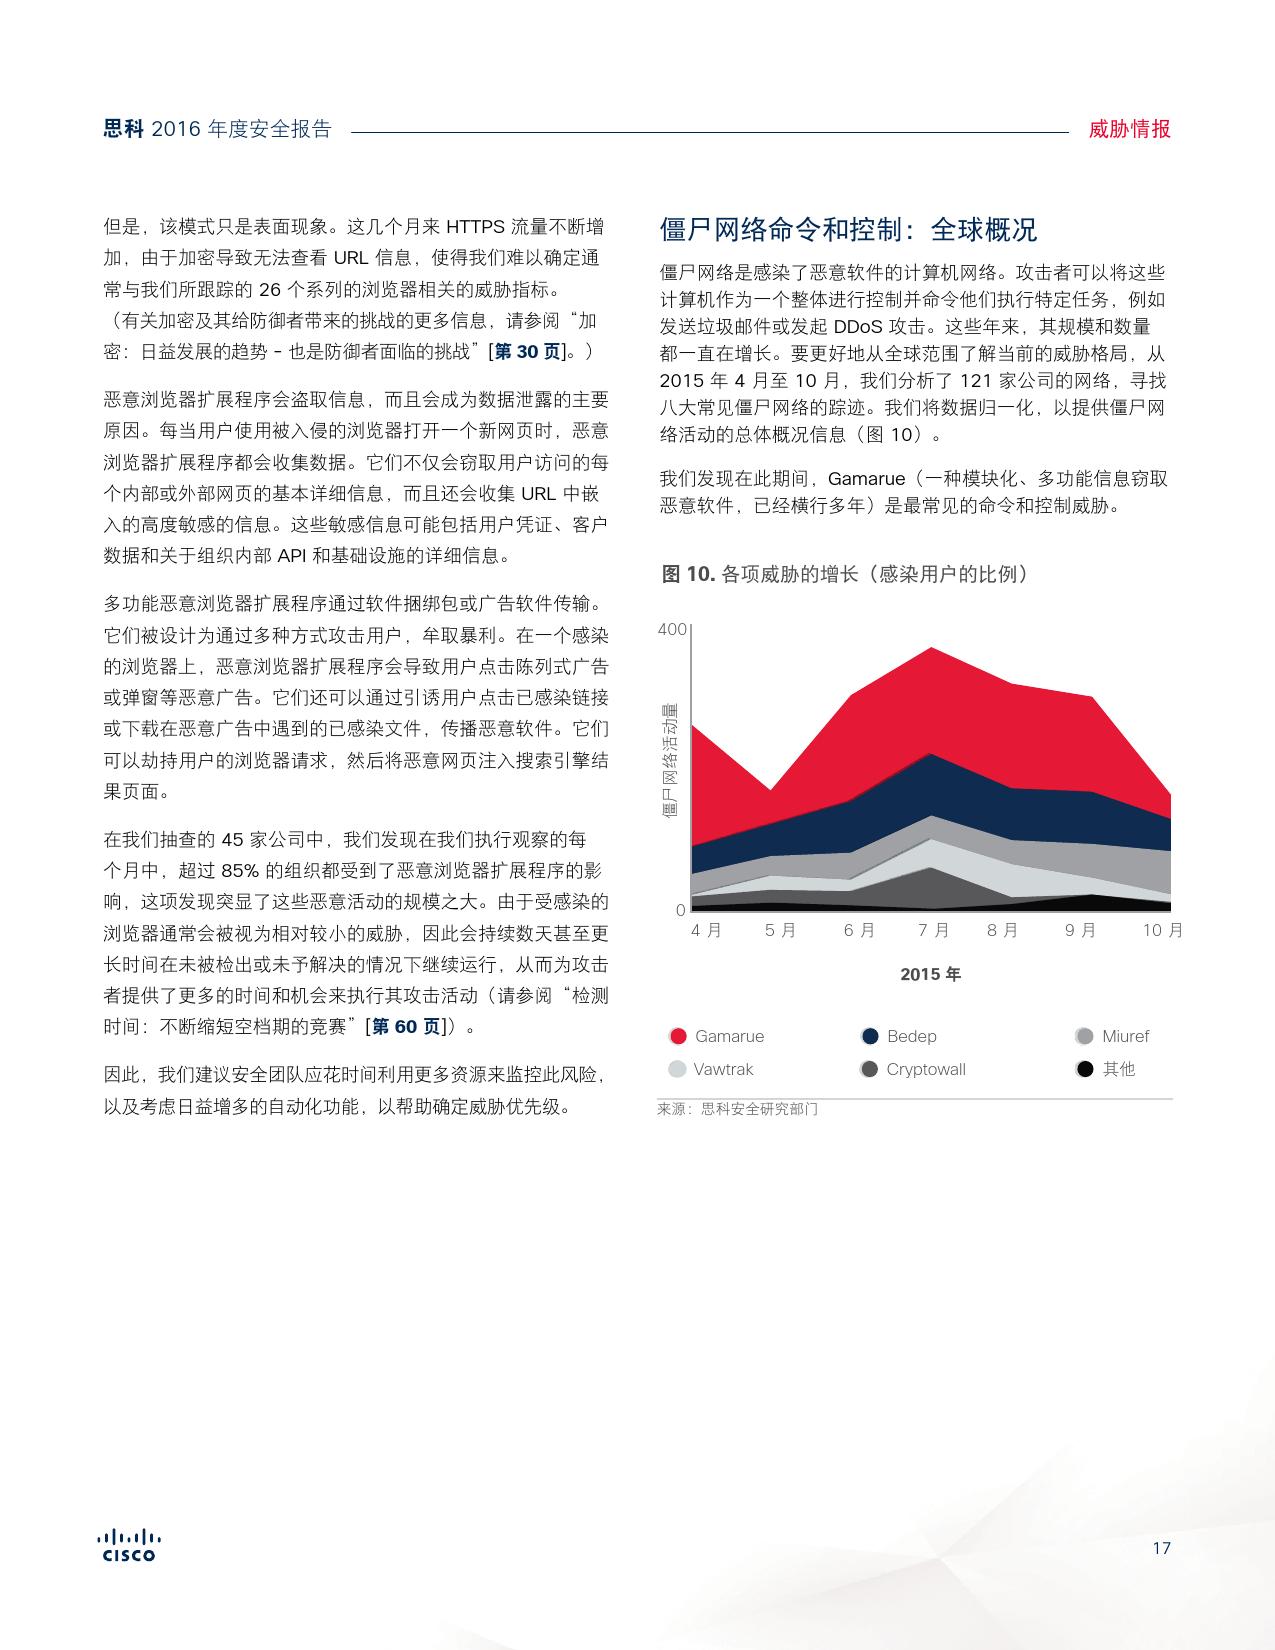 2016年中网络安全报告_000017